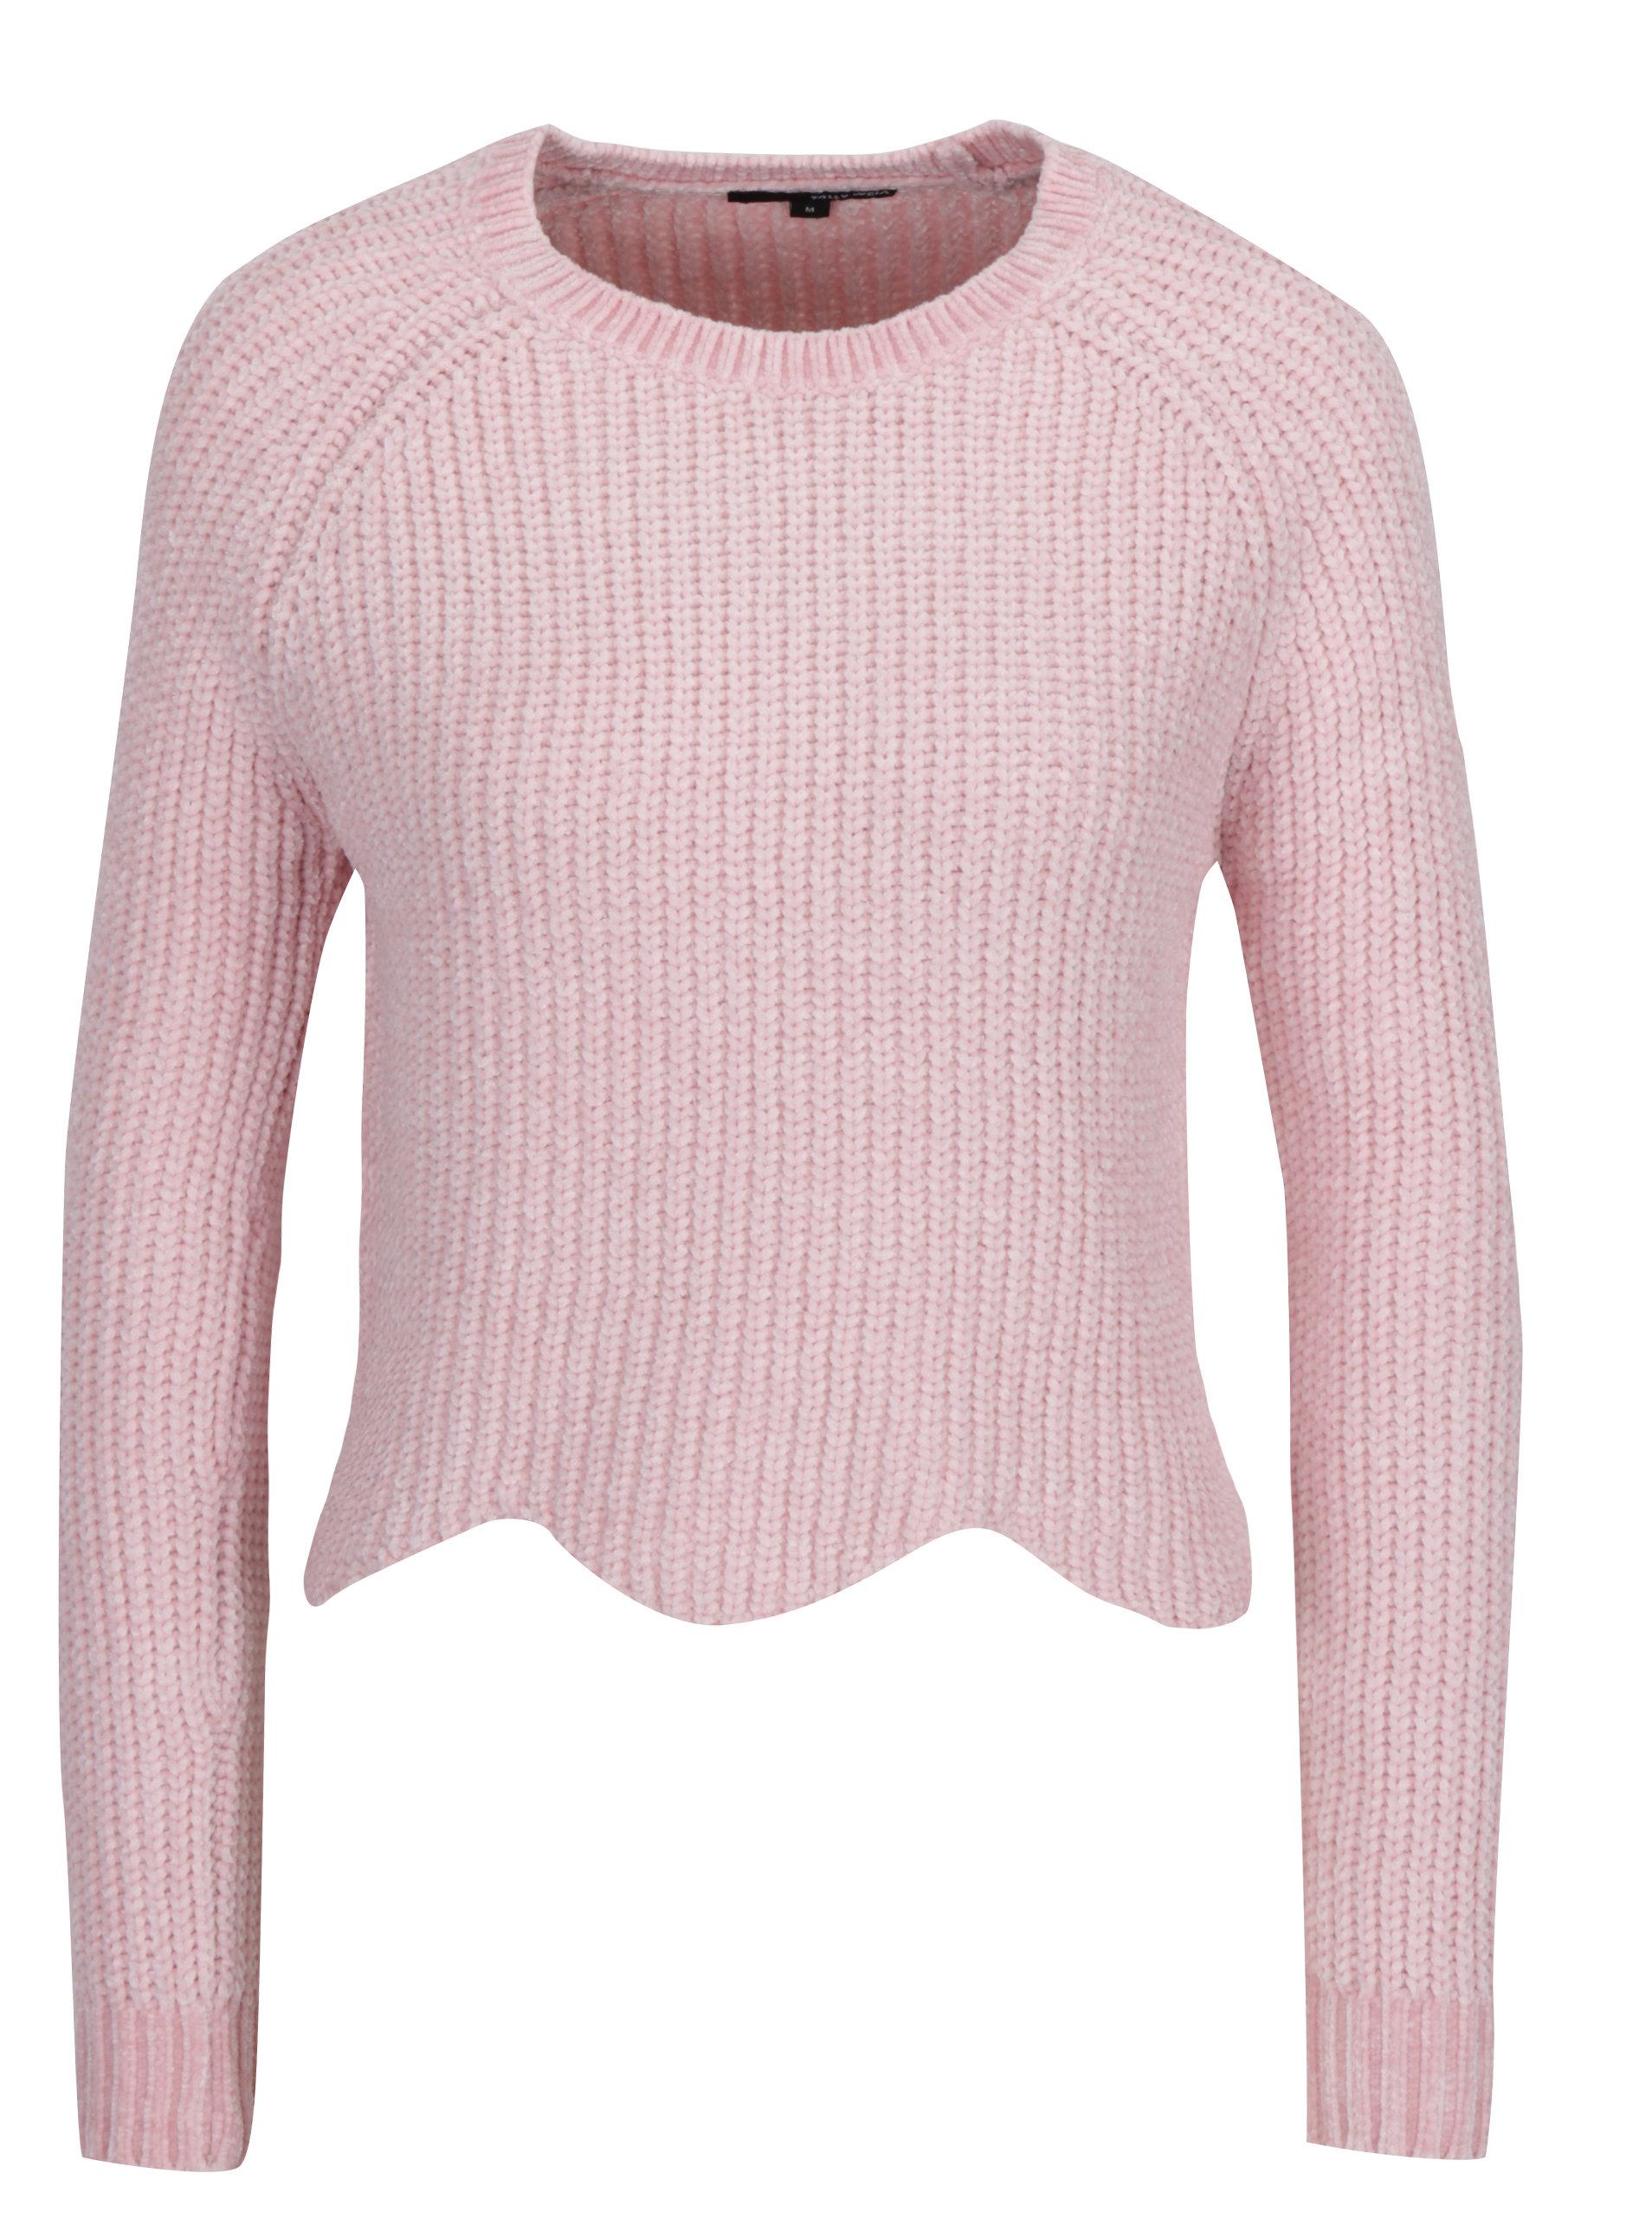 4ab83cce6391 Světle růžový krátký svetr s tvarovaným lemem TALLY WEiJL ...